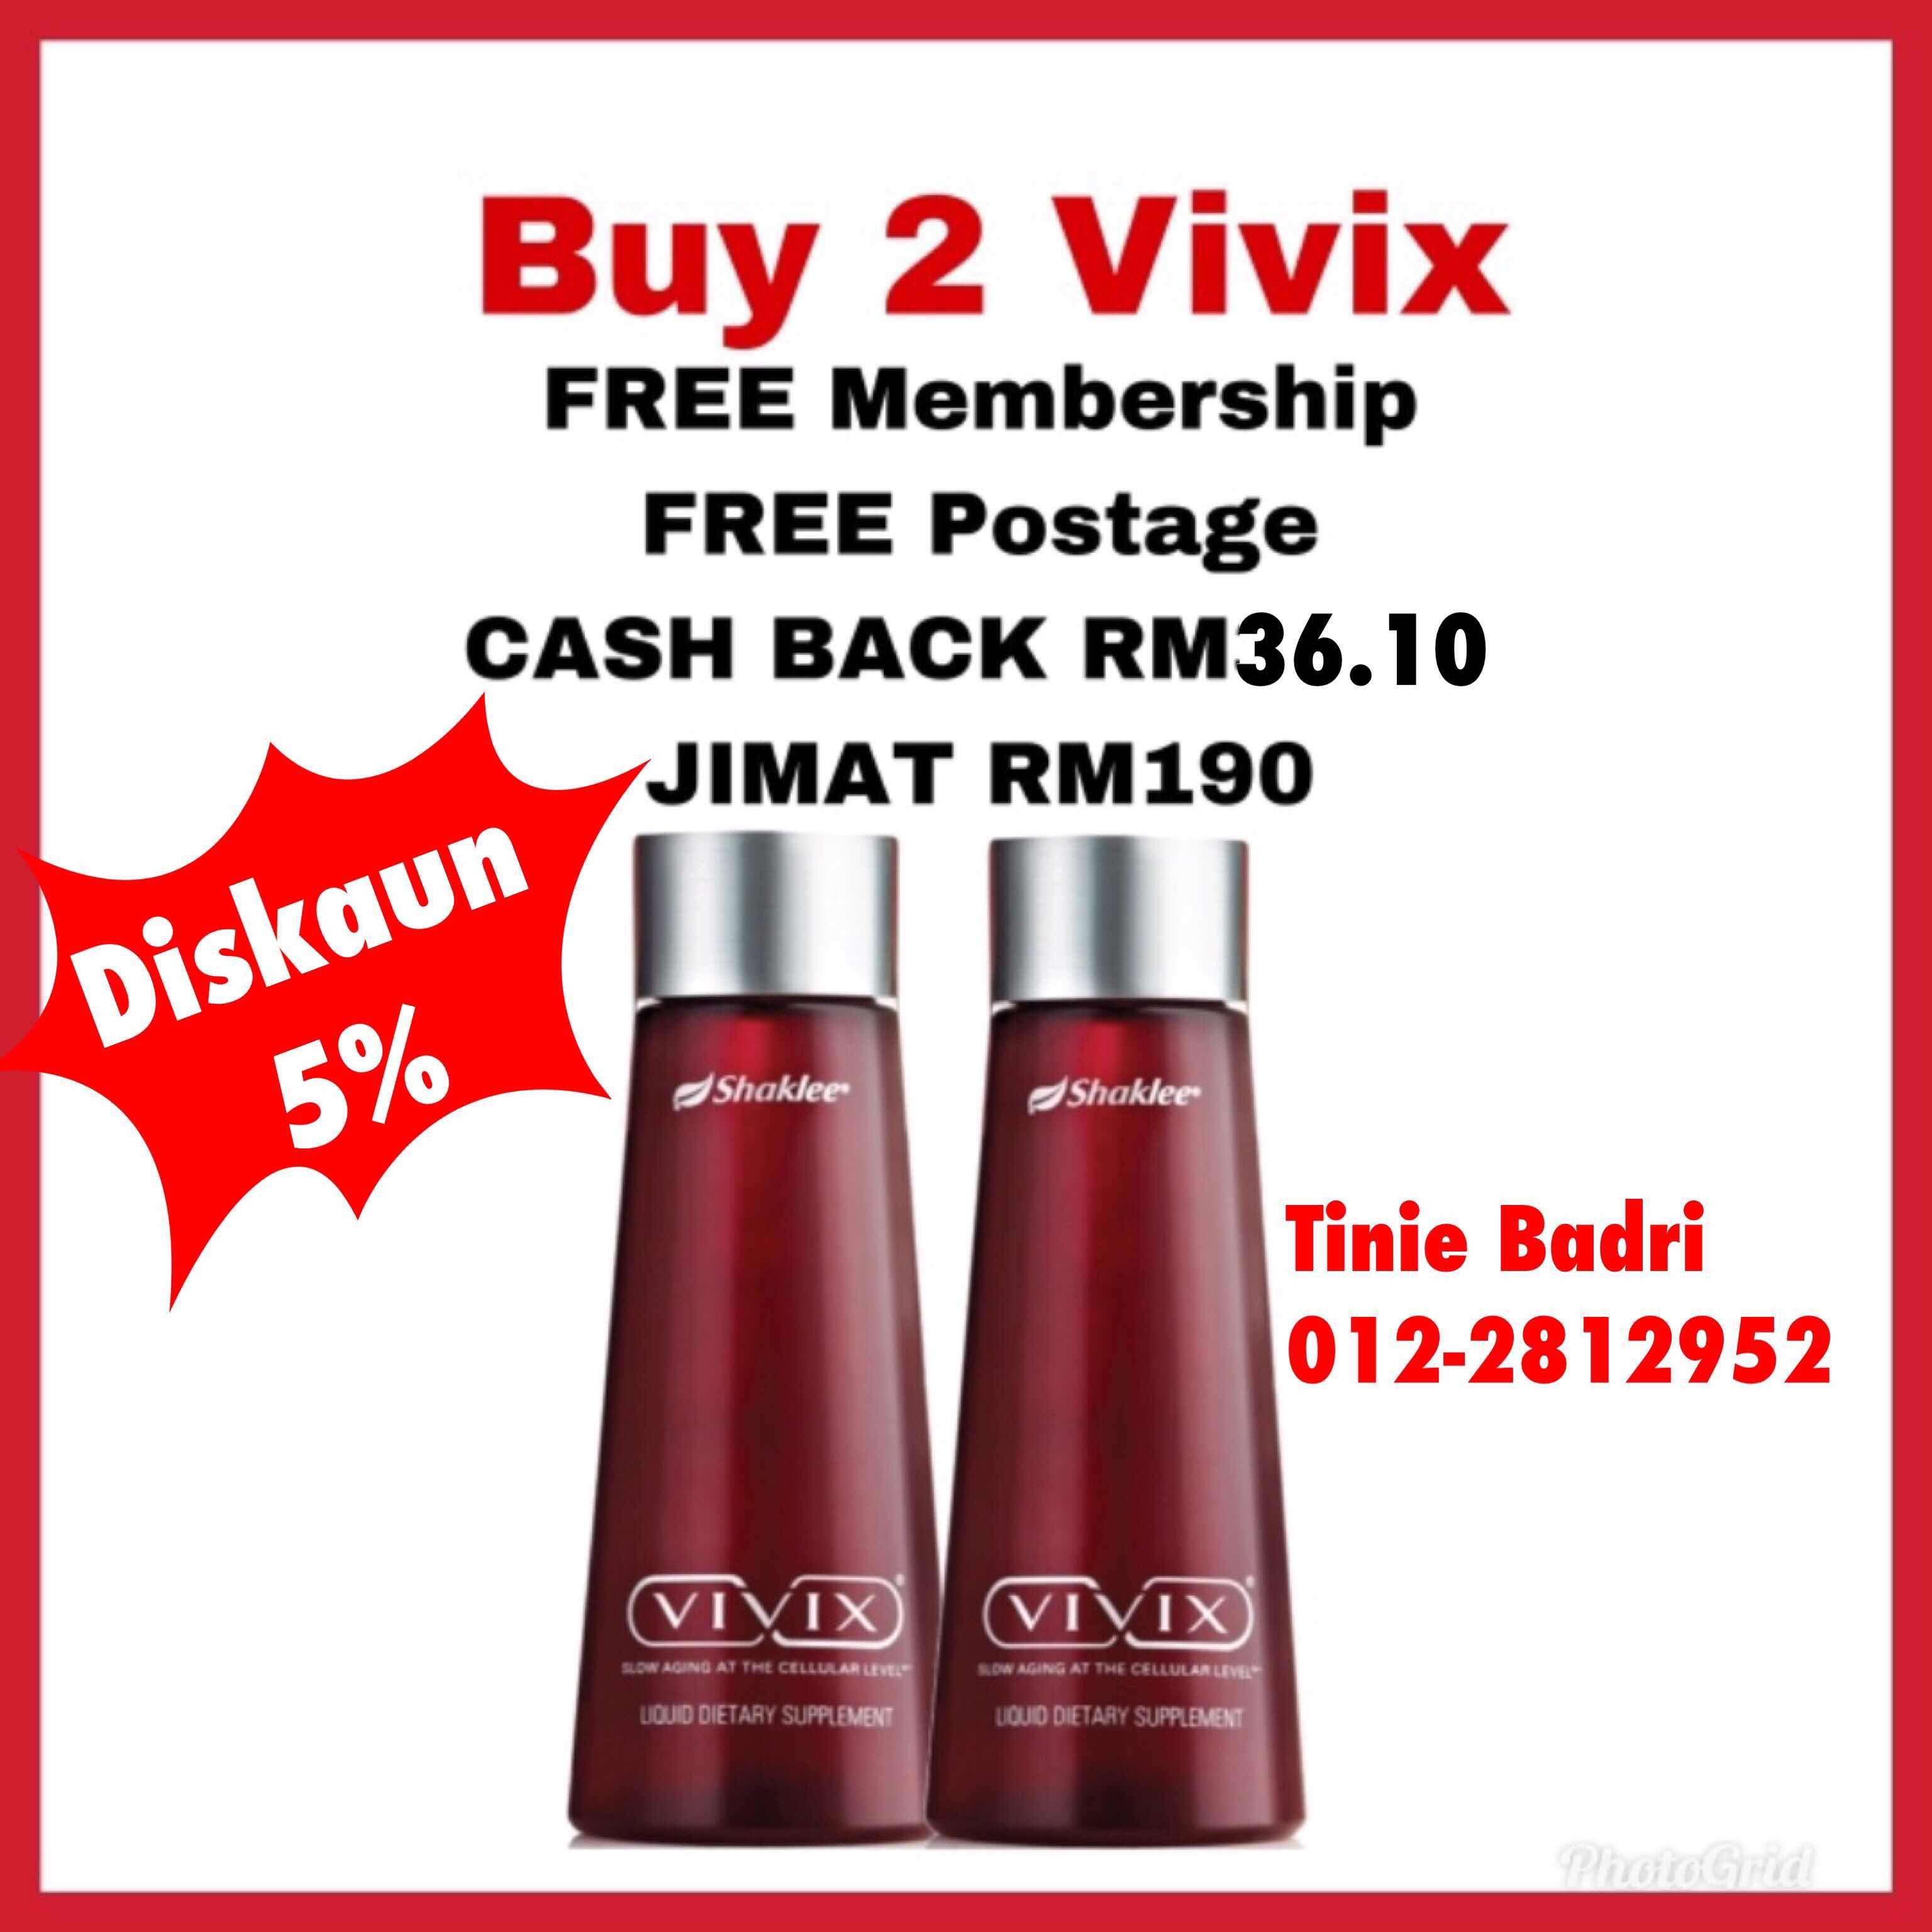 vivix harga murah